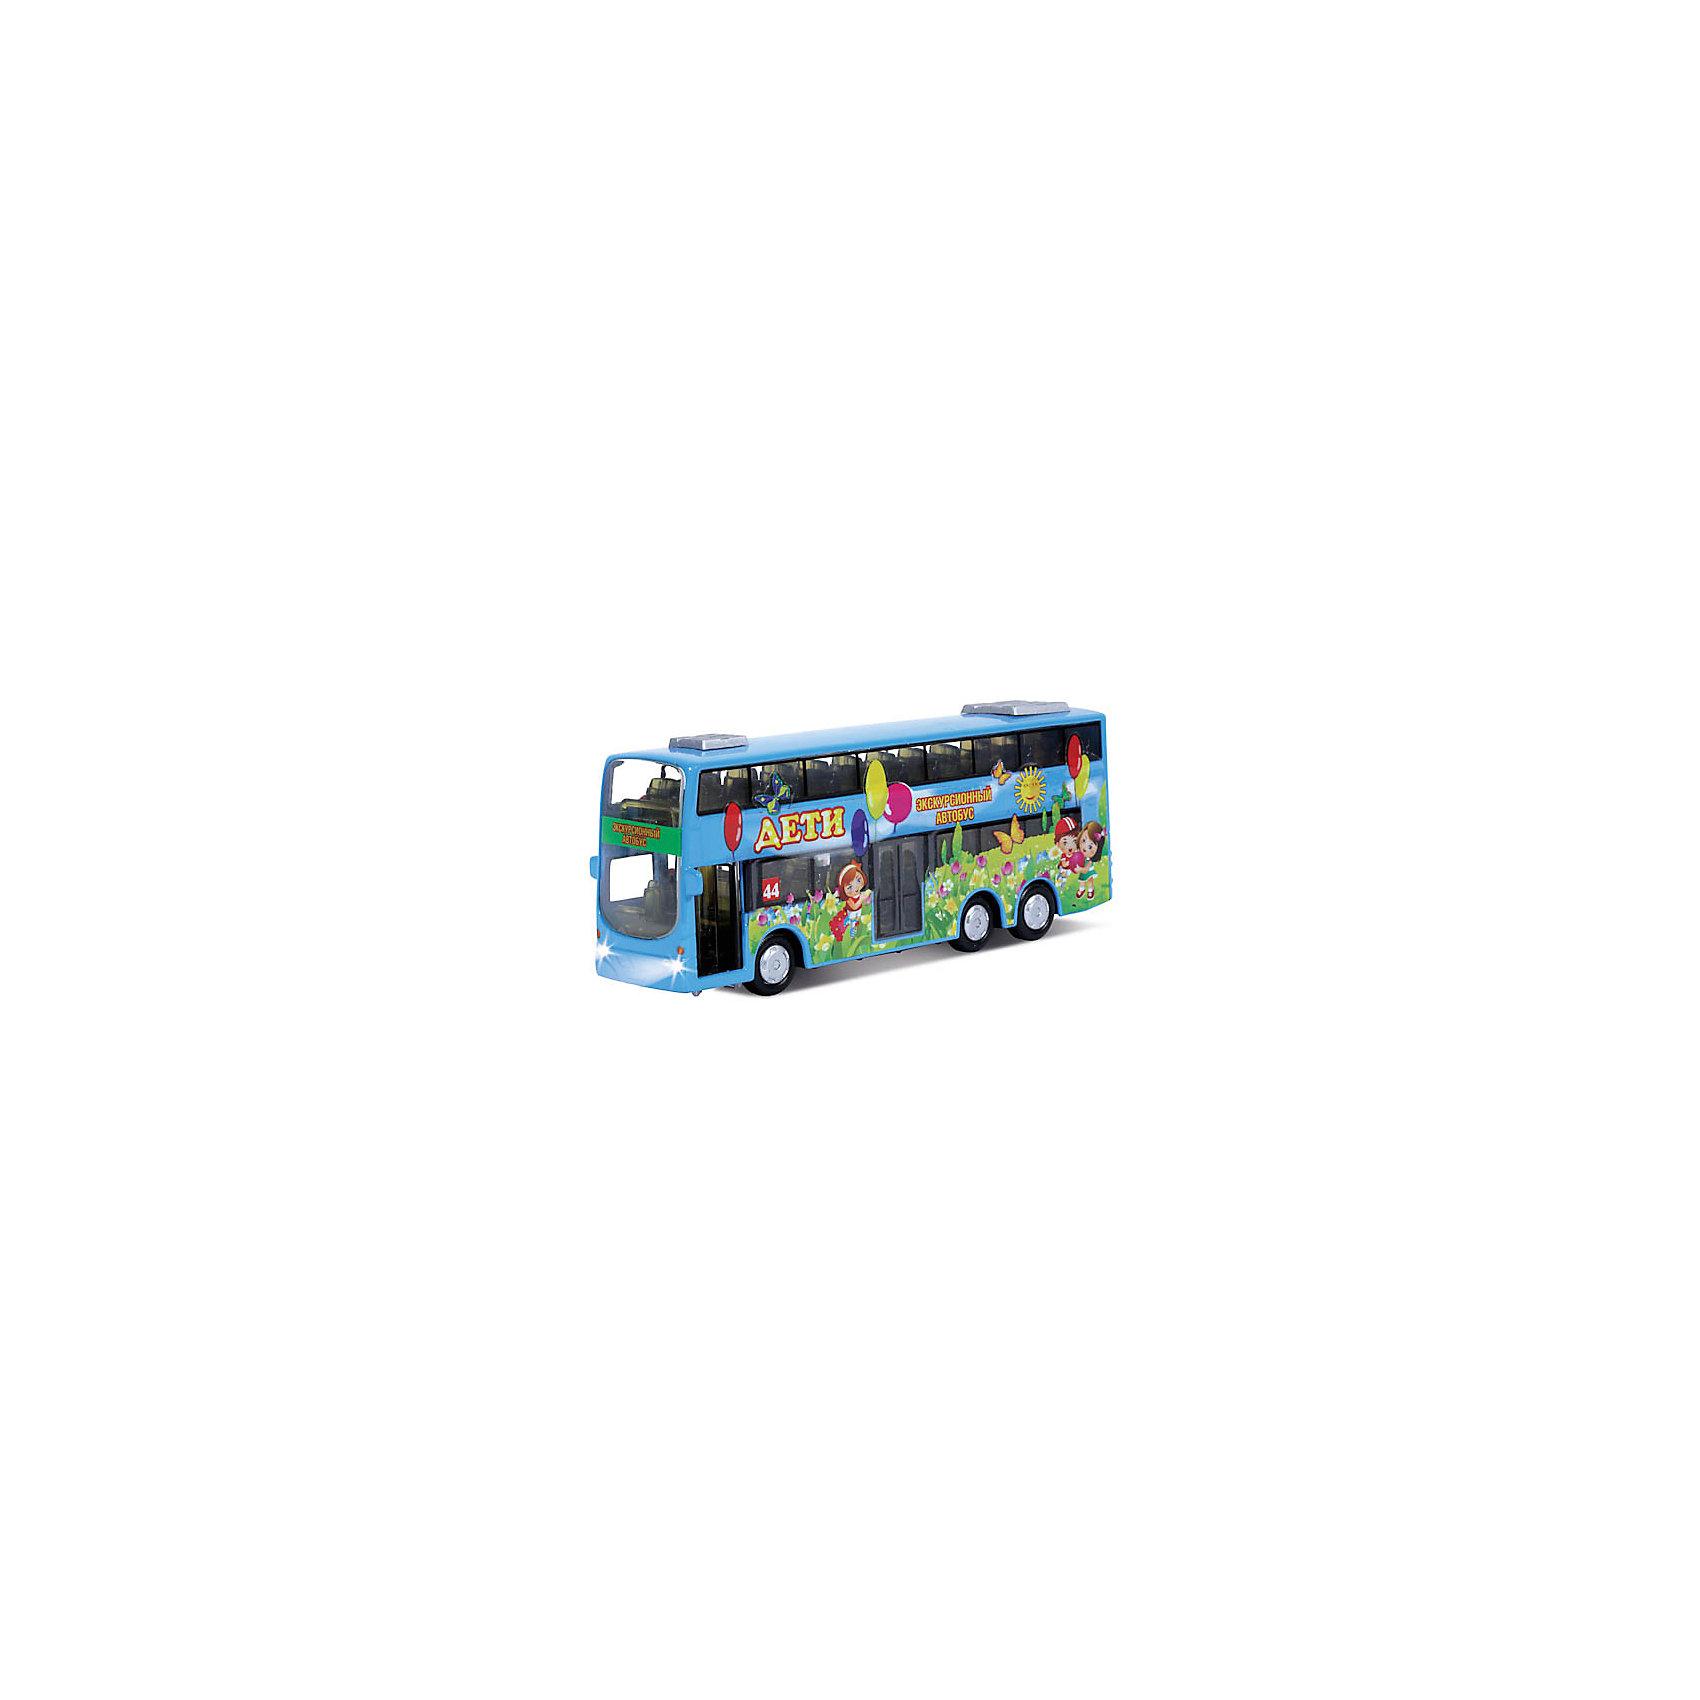 ТЕХНОПАРК Двухэтажный автобус Дети, со светом и звуком, ТЕХНОПАРК проездные на автобус где в москве